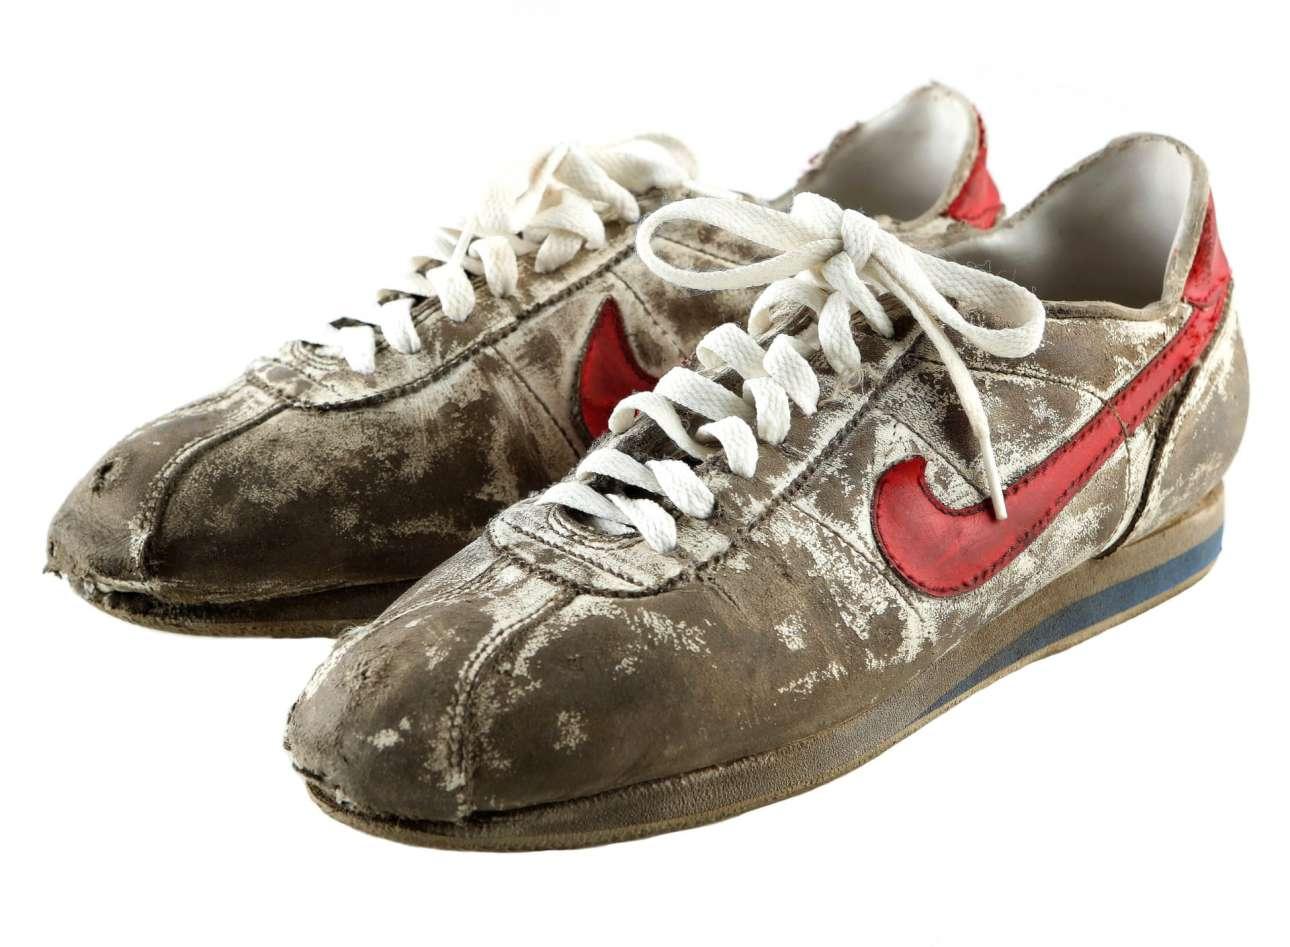 Ποιος μπορεί να ξεχάσει την ατάκα «Run Forrest, Run» («Τρέξε Φόρεστ») από το επικό «Φόρεστ Γκαμπ»; Κανείς. Mάλλον ούτε και τα παπούτσια του που εκτιμώνται στα 10.000 ευρώ